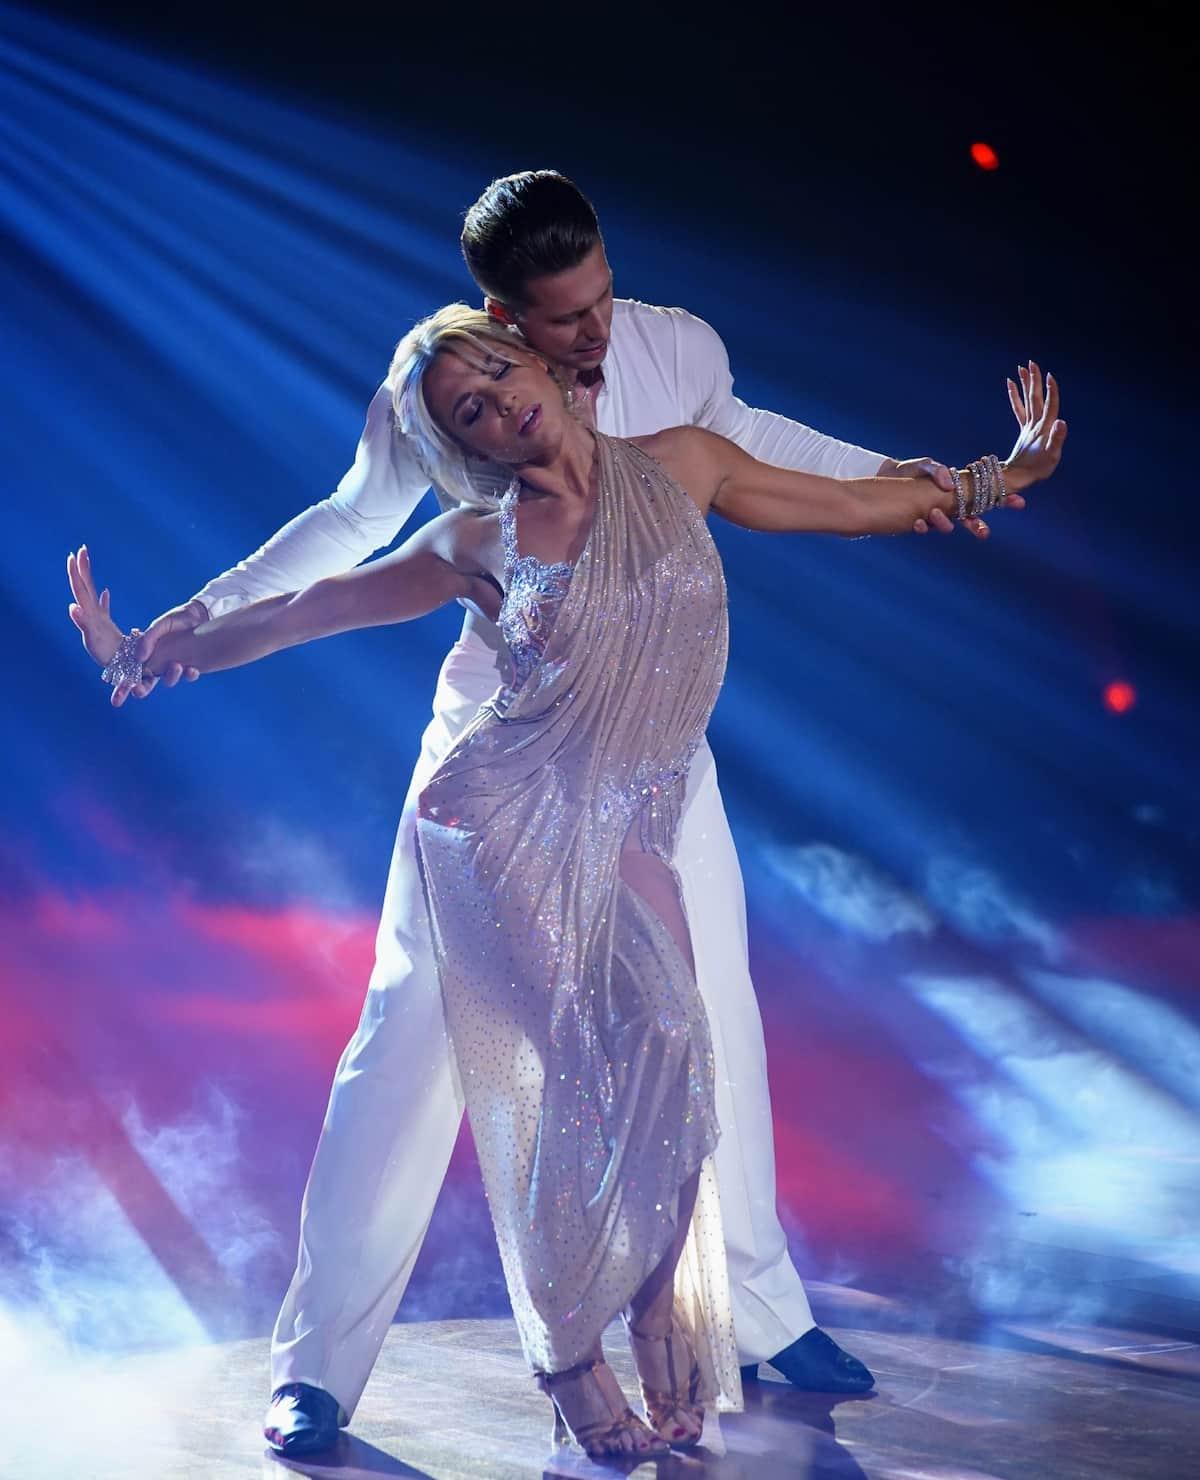 Valentina Pahde und Valentin Lusin Rumba 2. Platz im Finale Let's dance am 28.5.2021